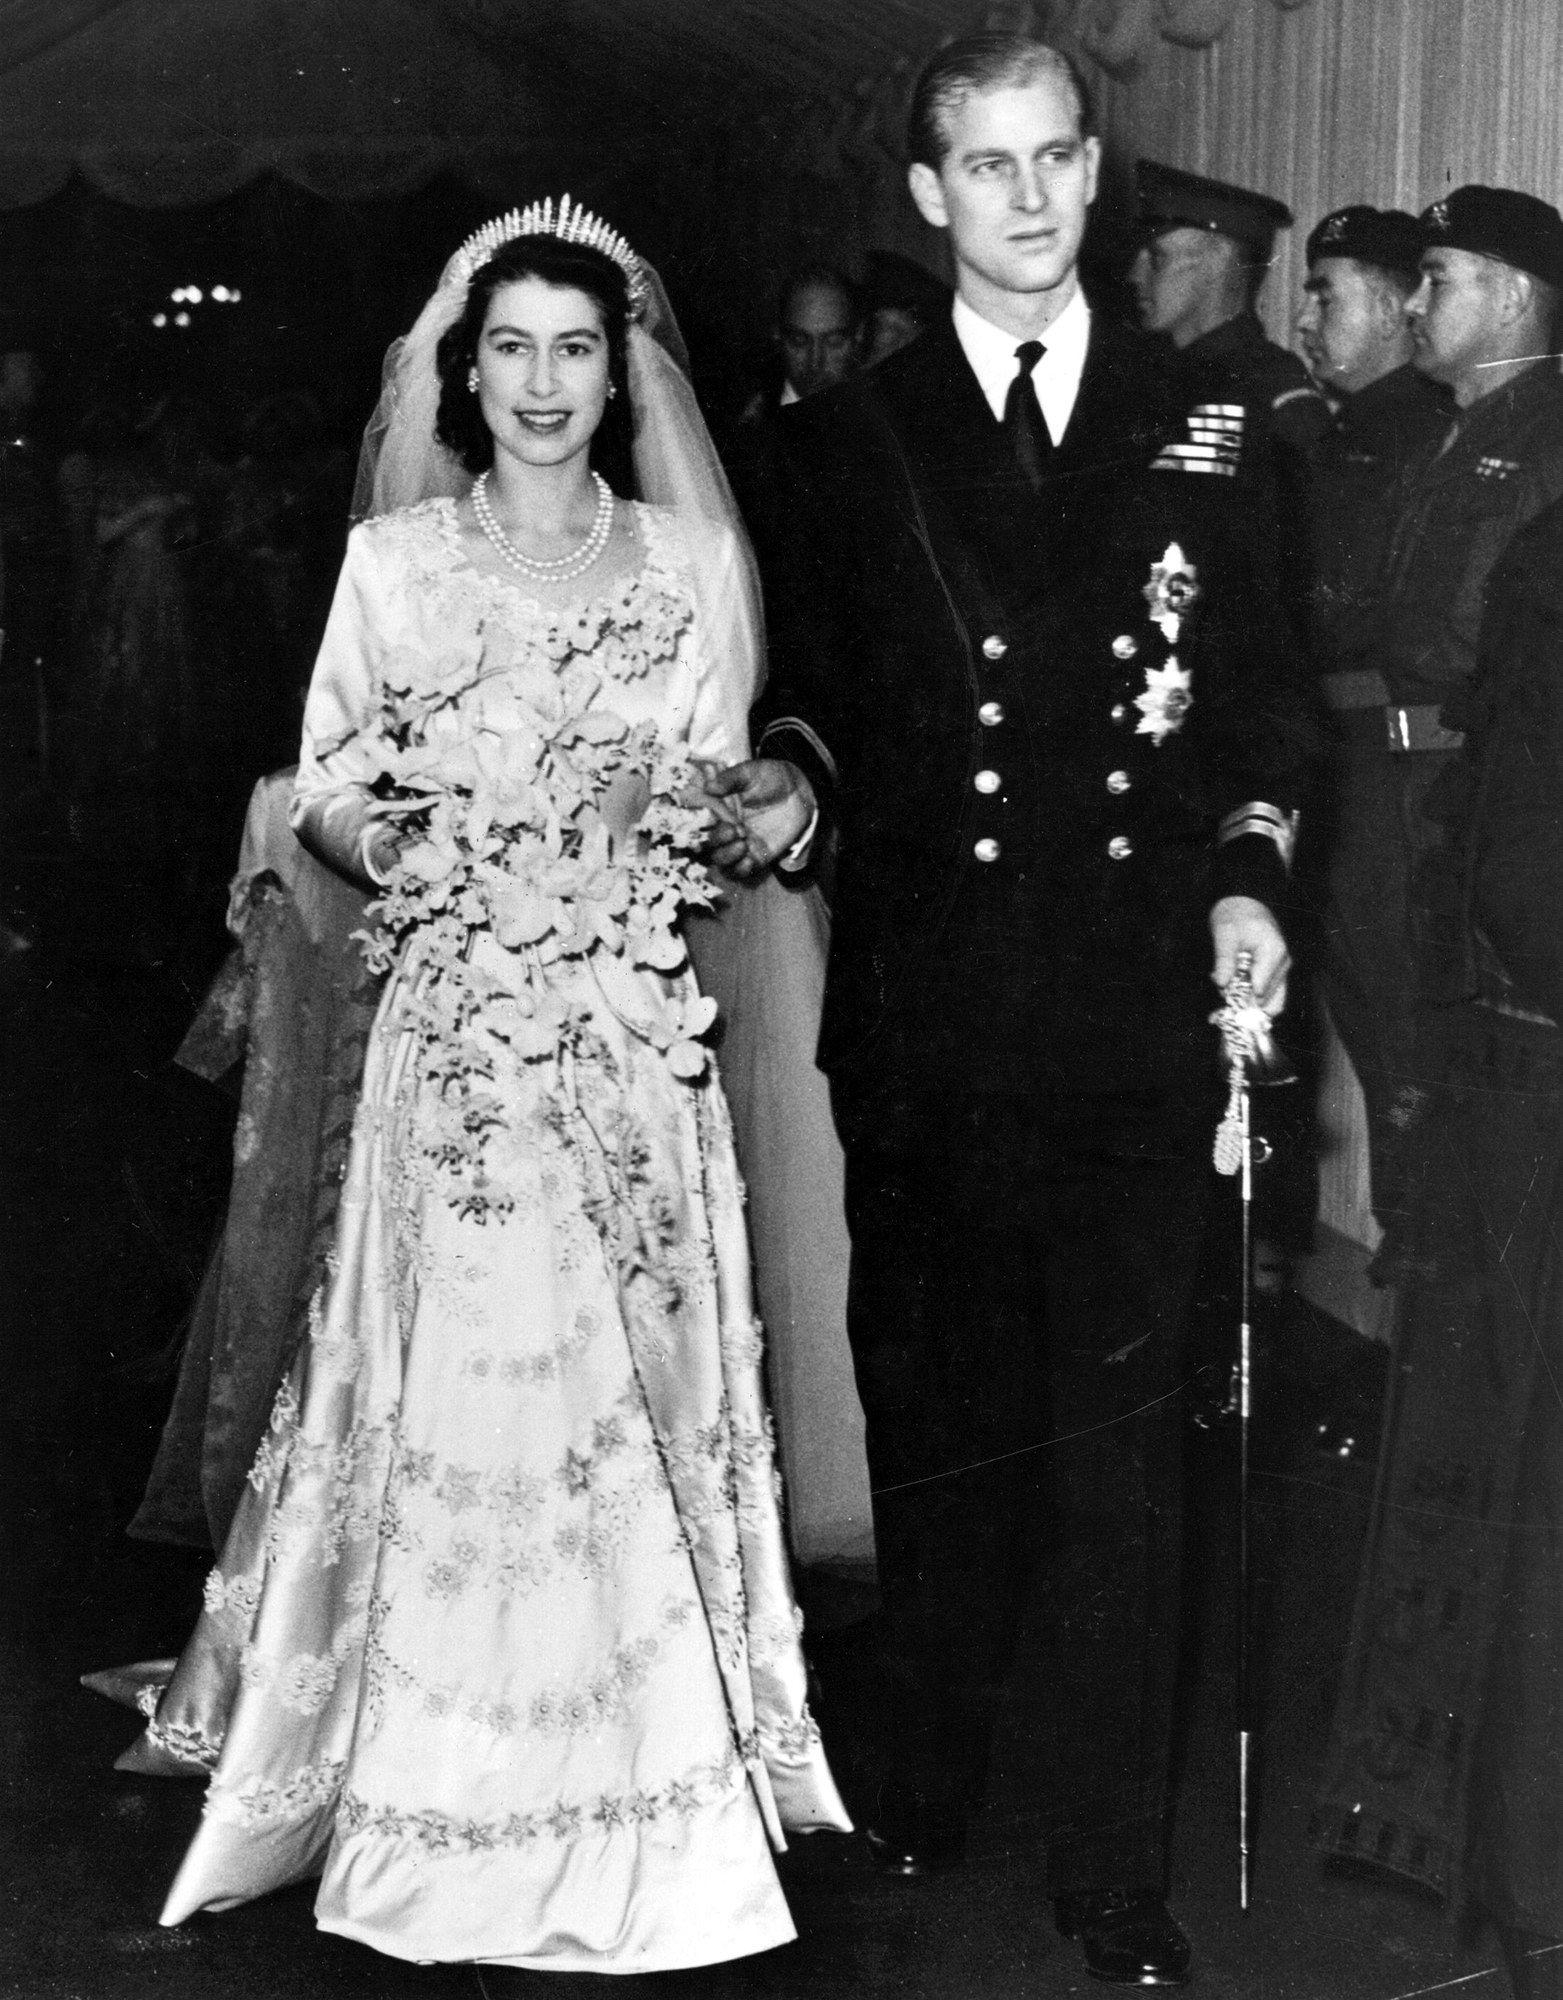 Queen Elizabeth and Prince Philip The Bride Queen Elizabeth II of England,  then Princess